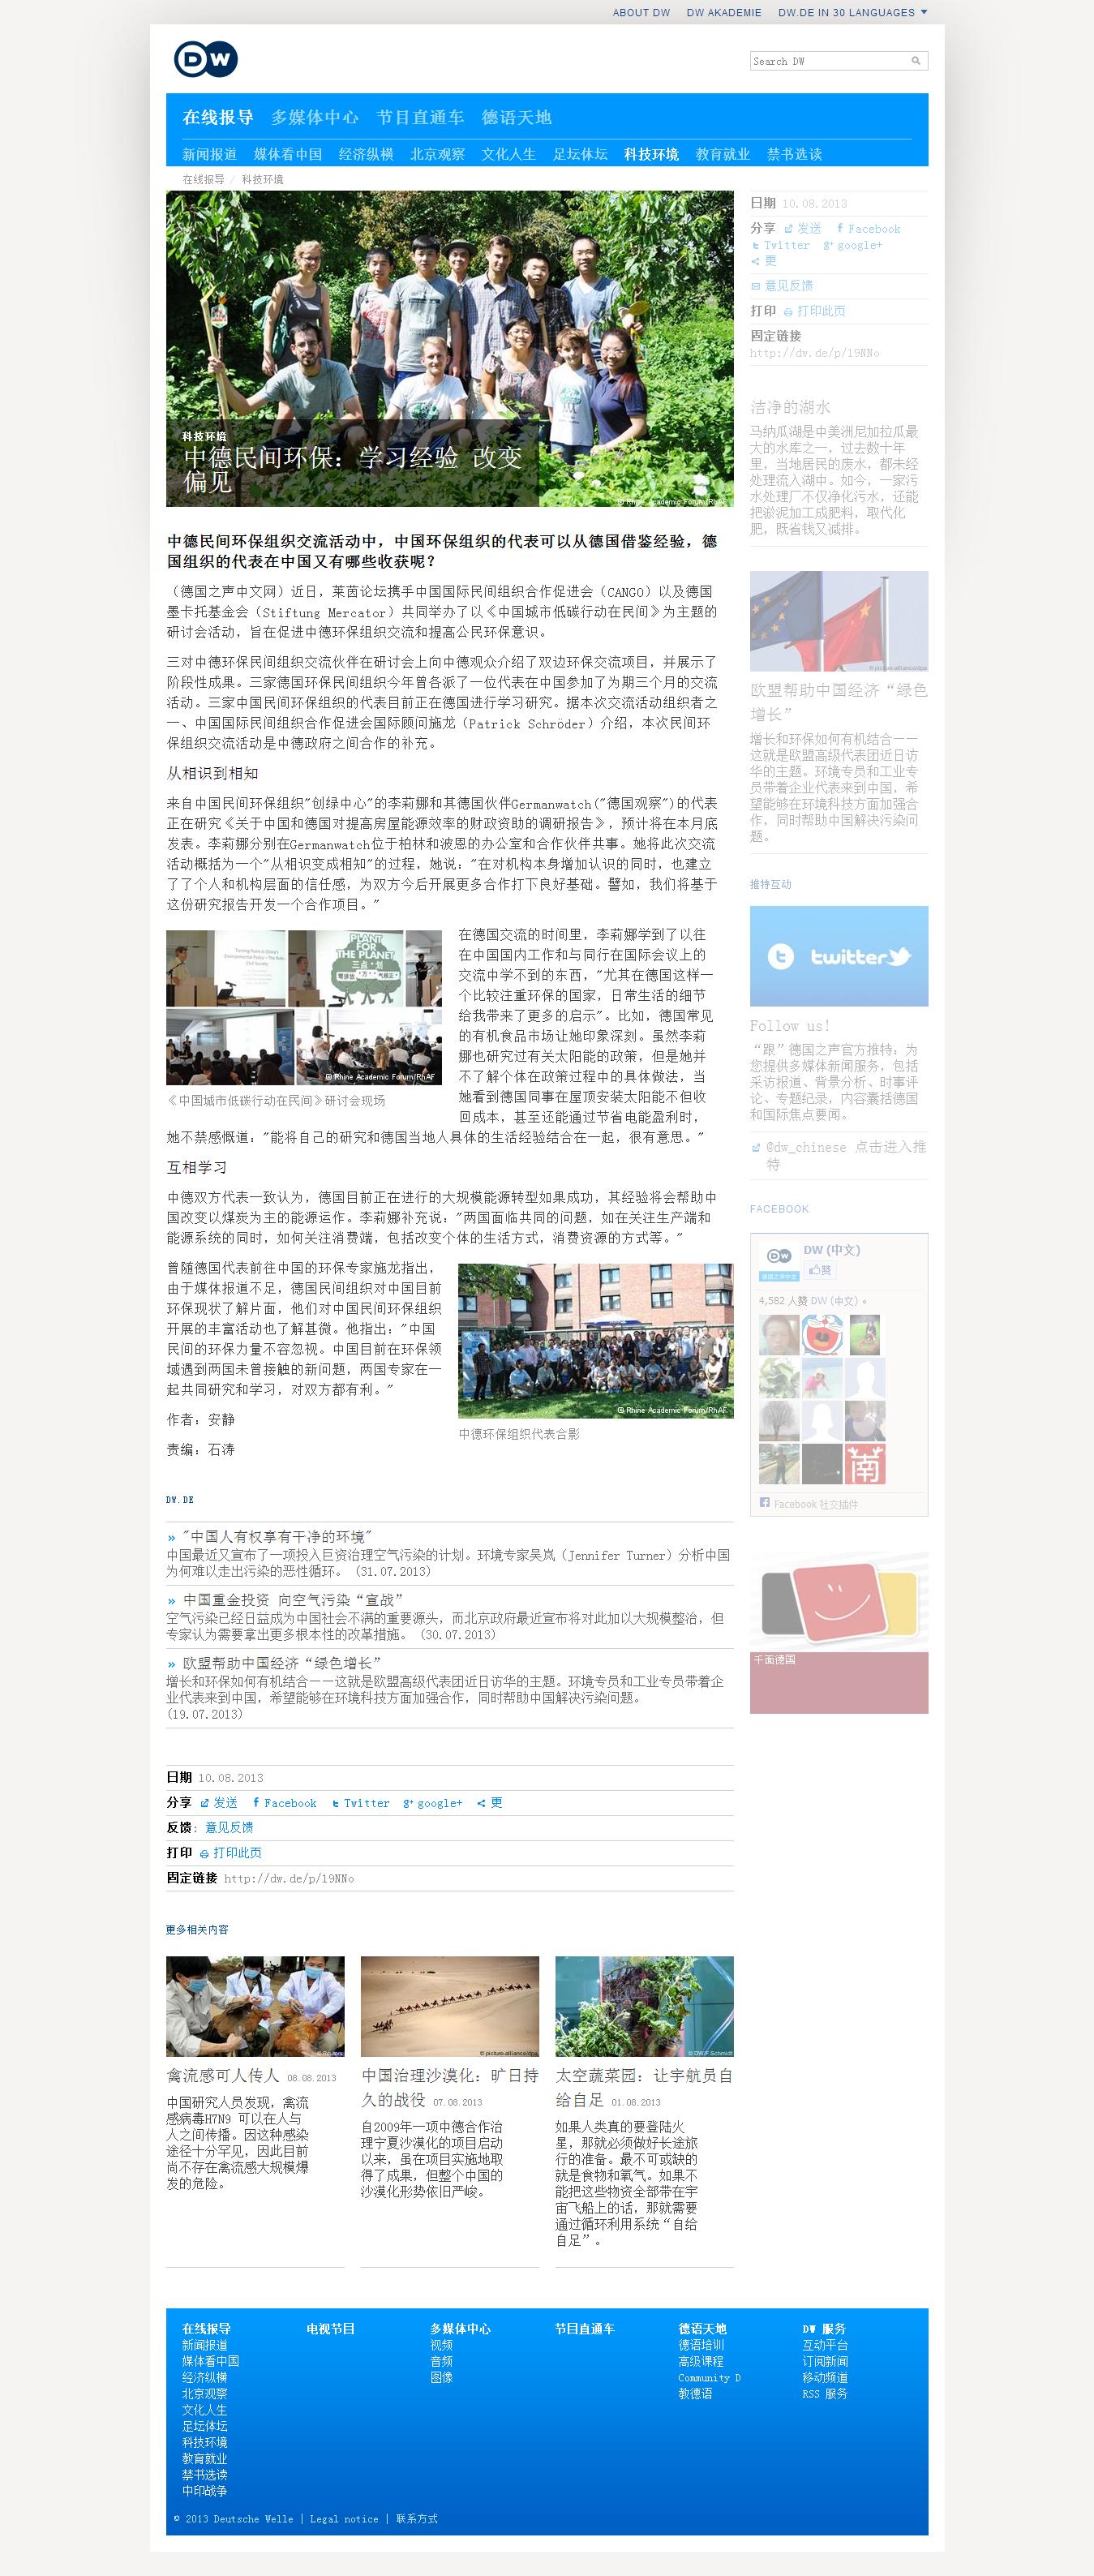 中德民间环保:学习经验 改变偏见 - 科技环境 - DW.DE - 10.08.2013